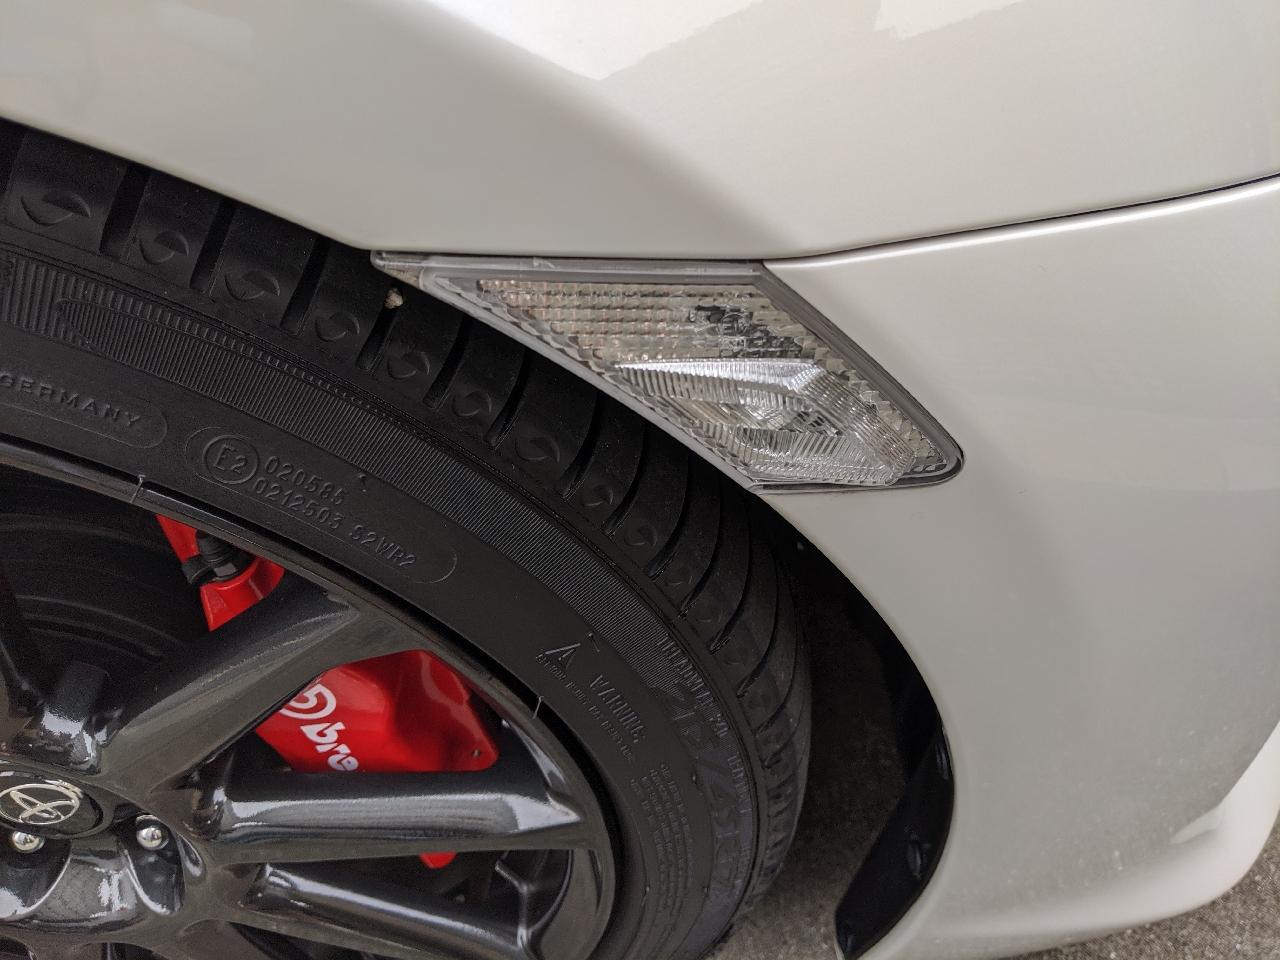 ピカキュウ ハイブリッド車対応 LEDバルブ T10 HYPER NEO 6 WEDGE LEDカラー:ゴールデンアンバー